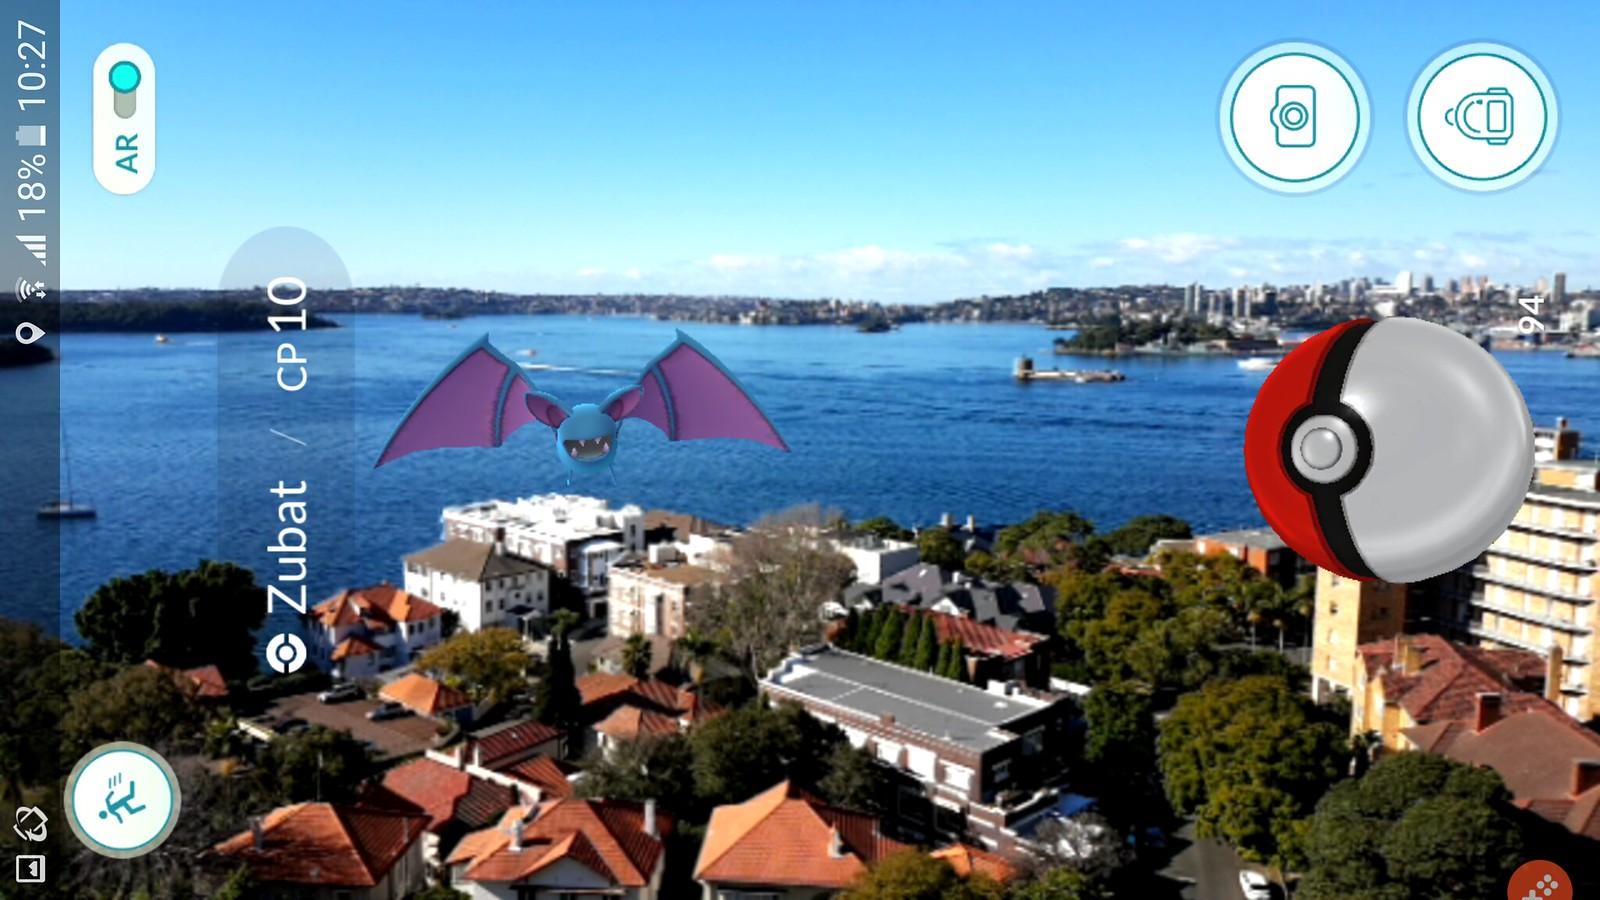 Zubat over Sydney Harbour